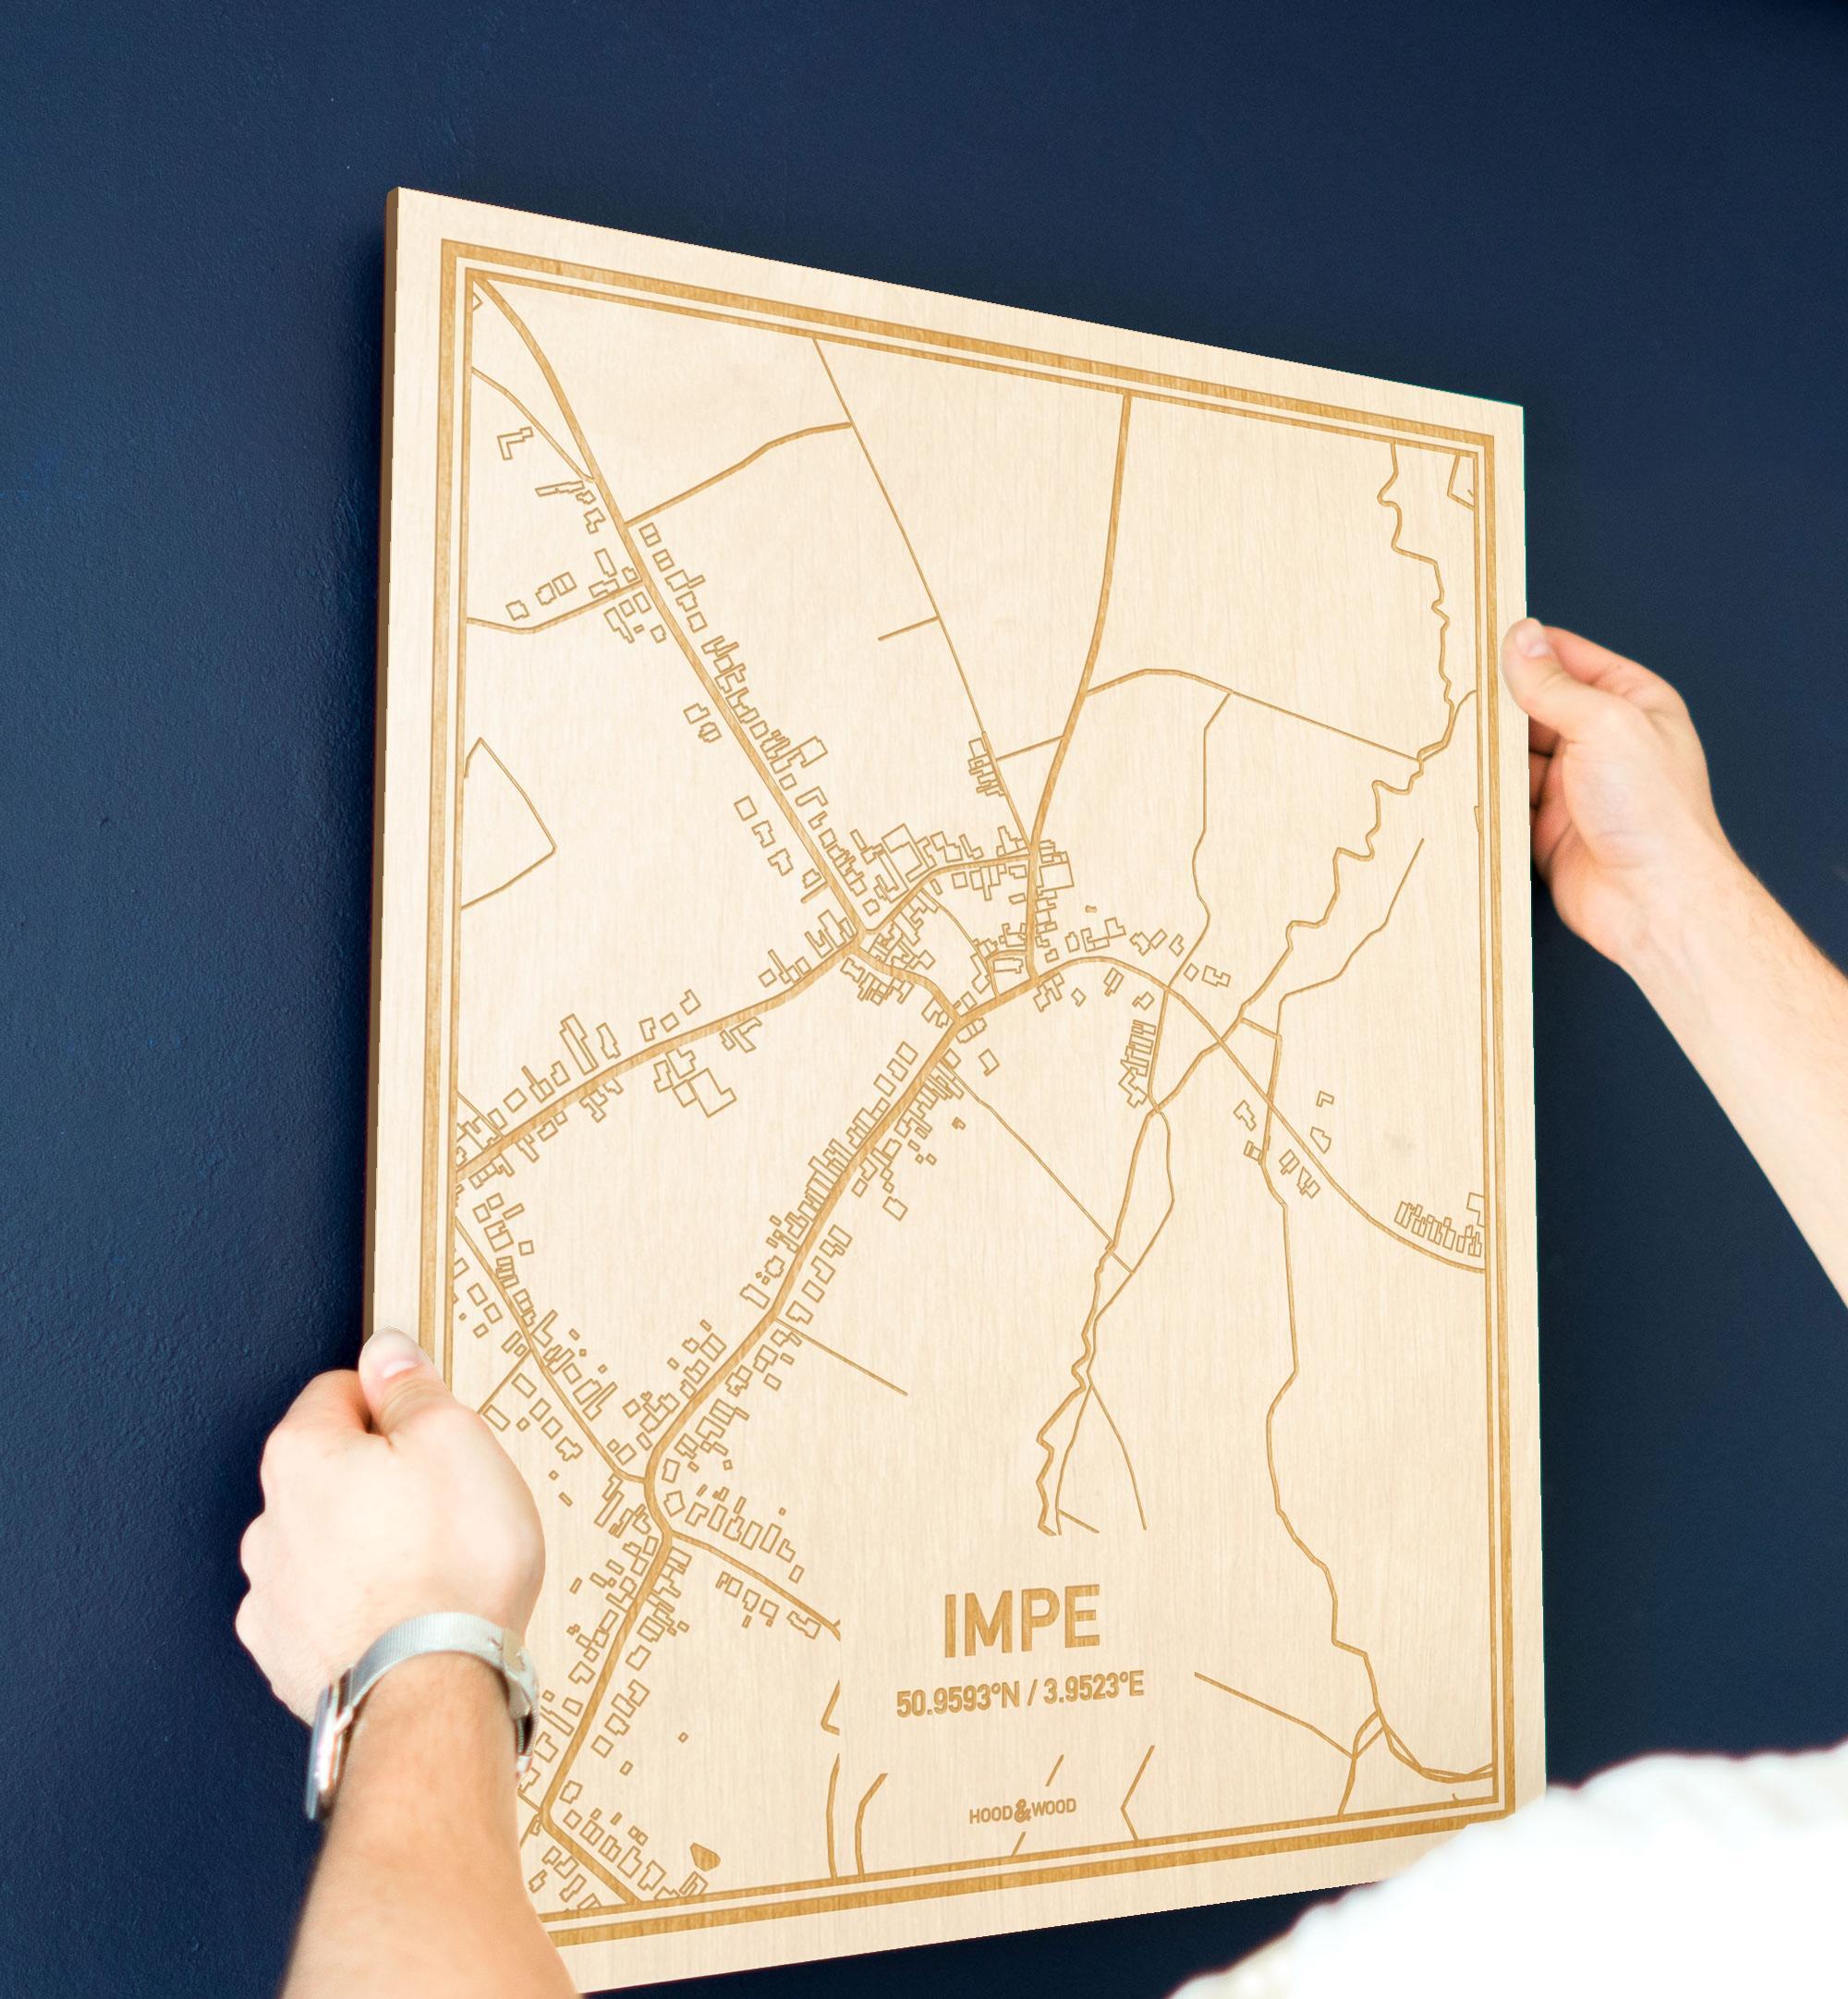 Een man hangt de houten plattegrond Impe aan zijn blauwe muur ter decoratie. Je ziet alleen zijn handen de kaart van deze unieke in Oost-Vlaanderen  vasthouden.